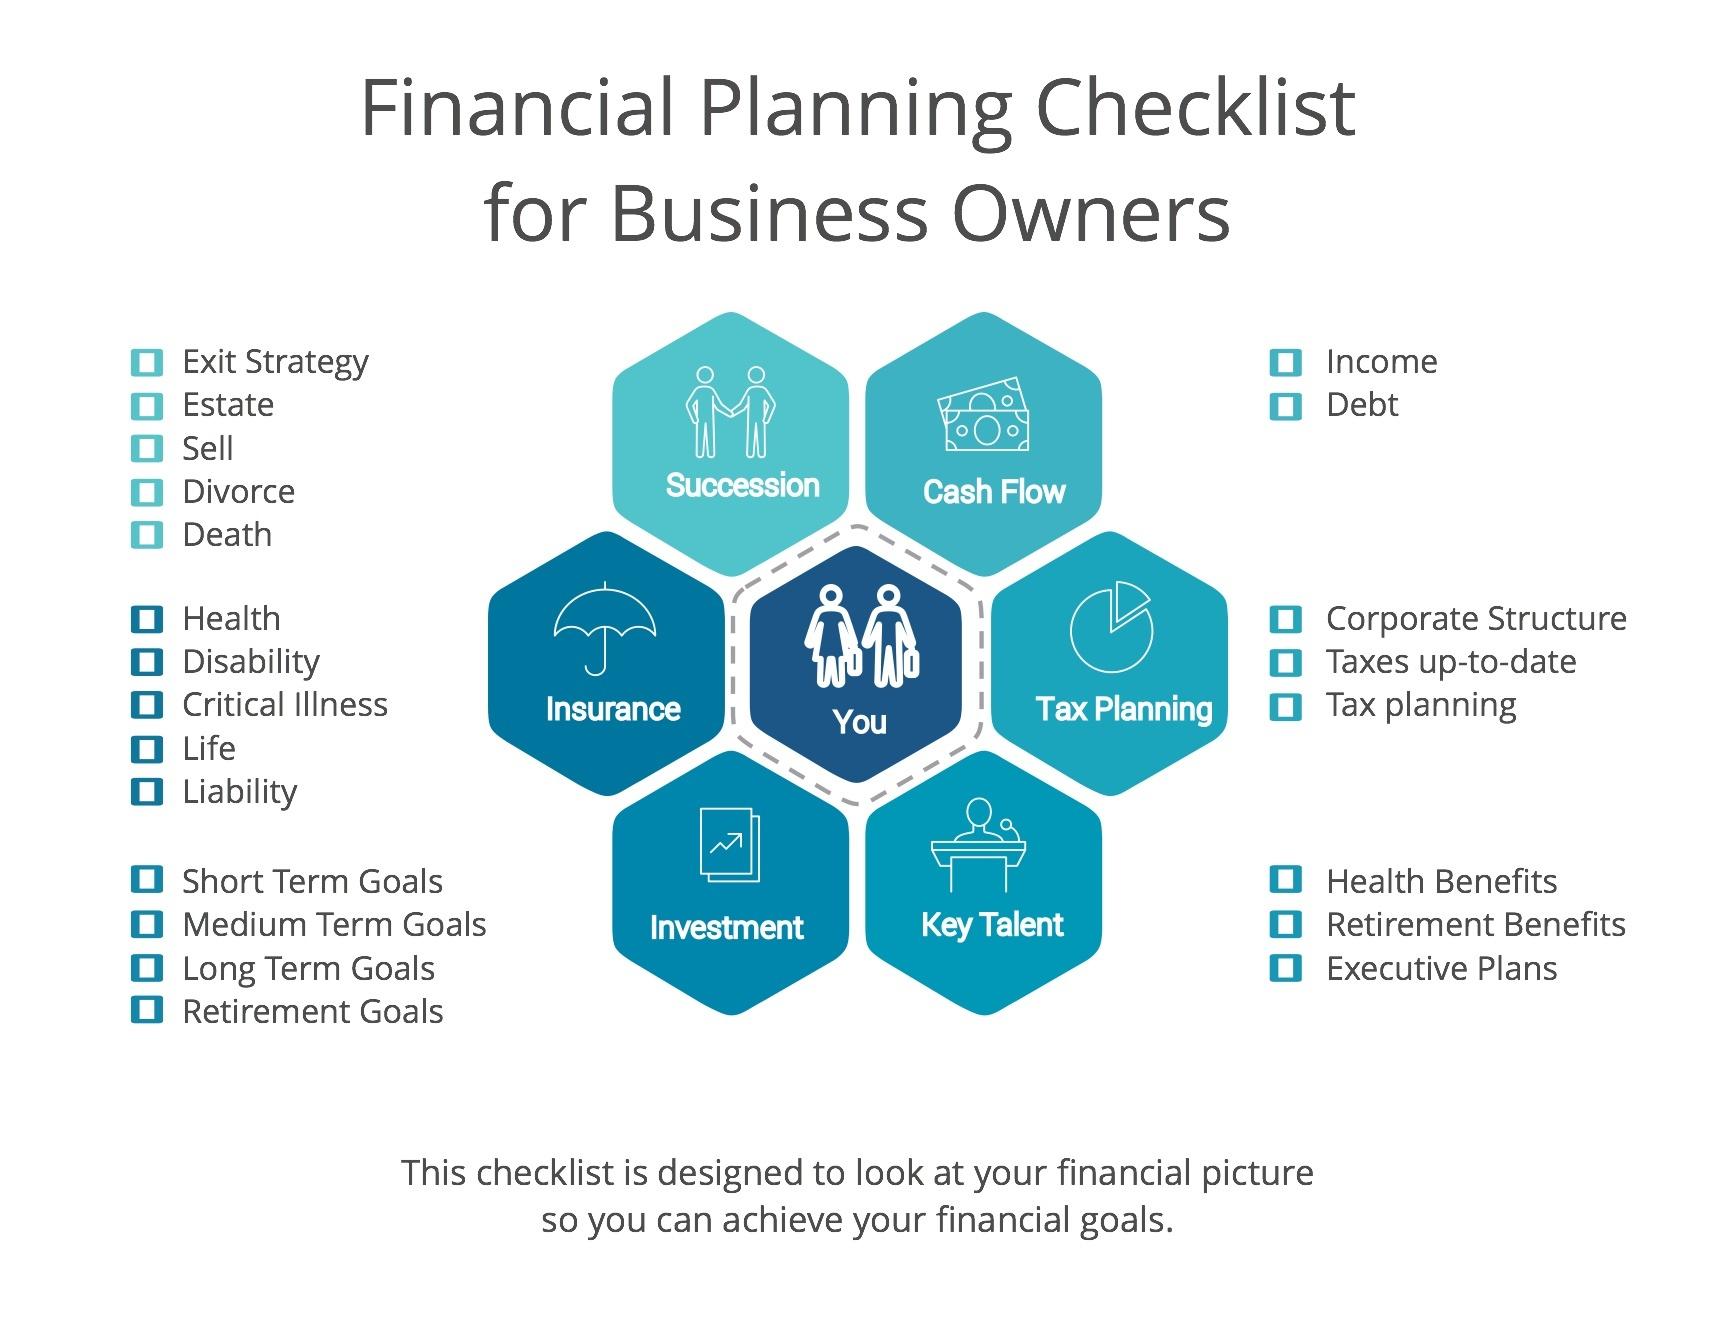 financialPlanningBusinessChecklist